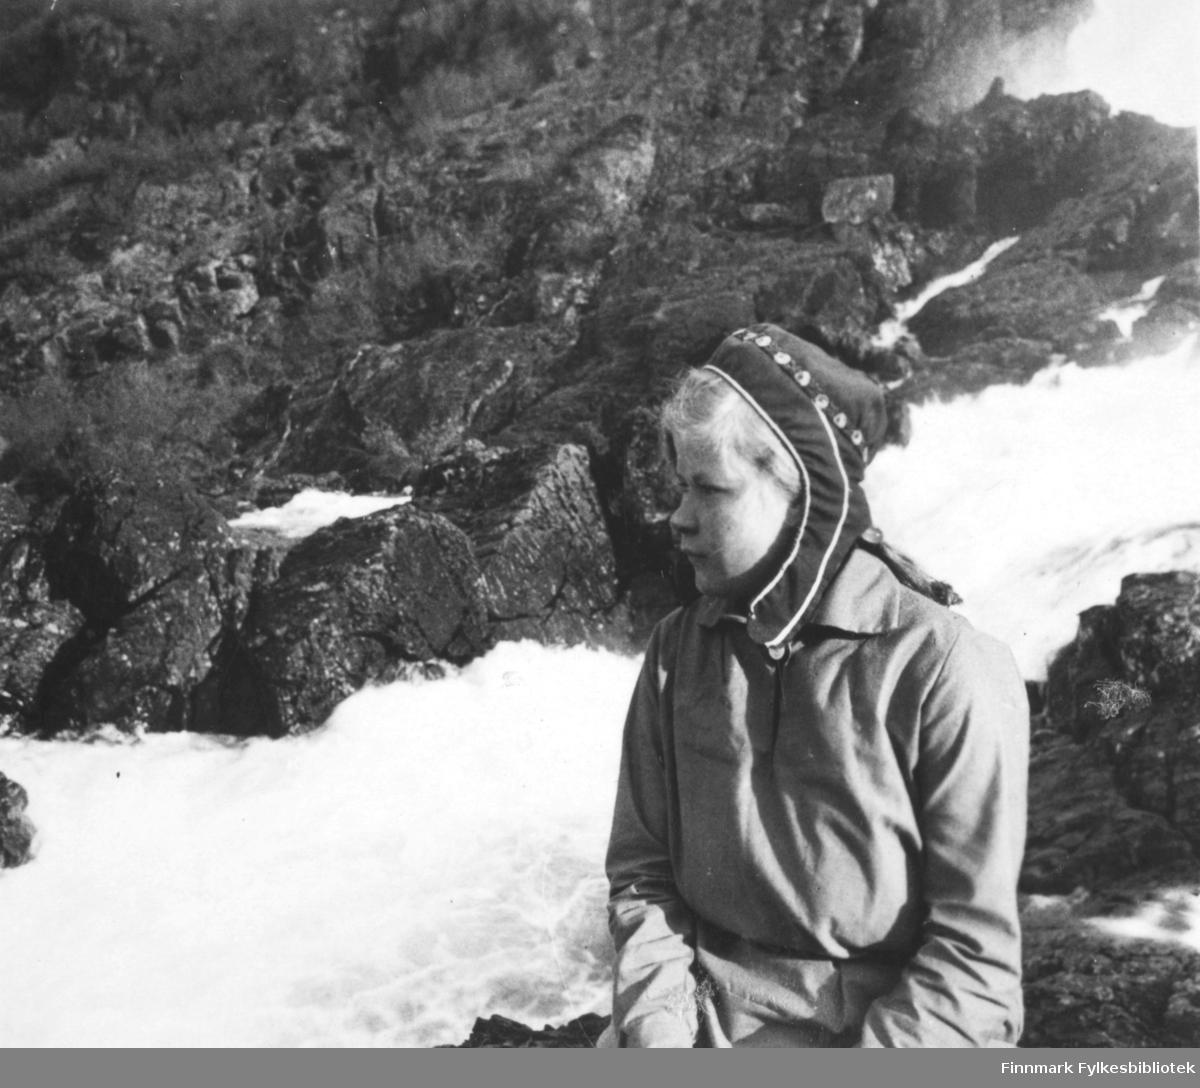 Et potrettbilde av 'Eeva' tatt ved Adamsfoss. 'Eeva' er trolig same. I bildet ser hun til venstre. Bildet er et stereobilde